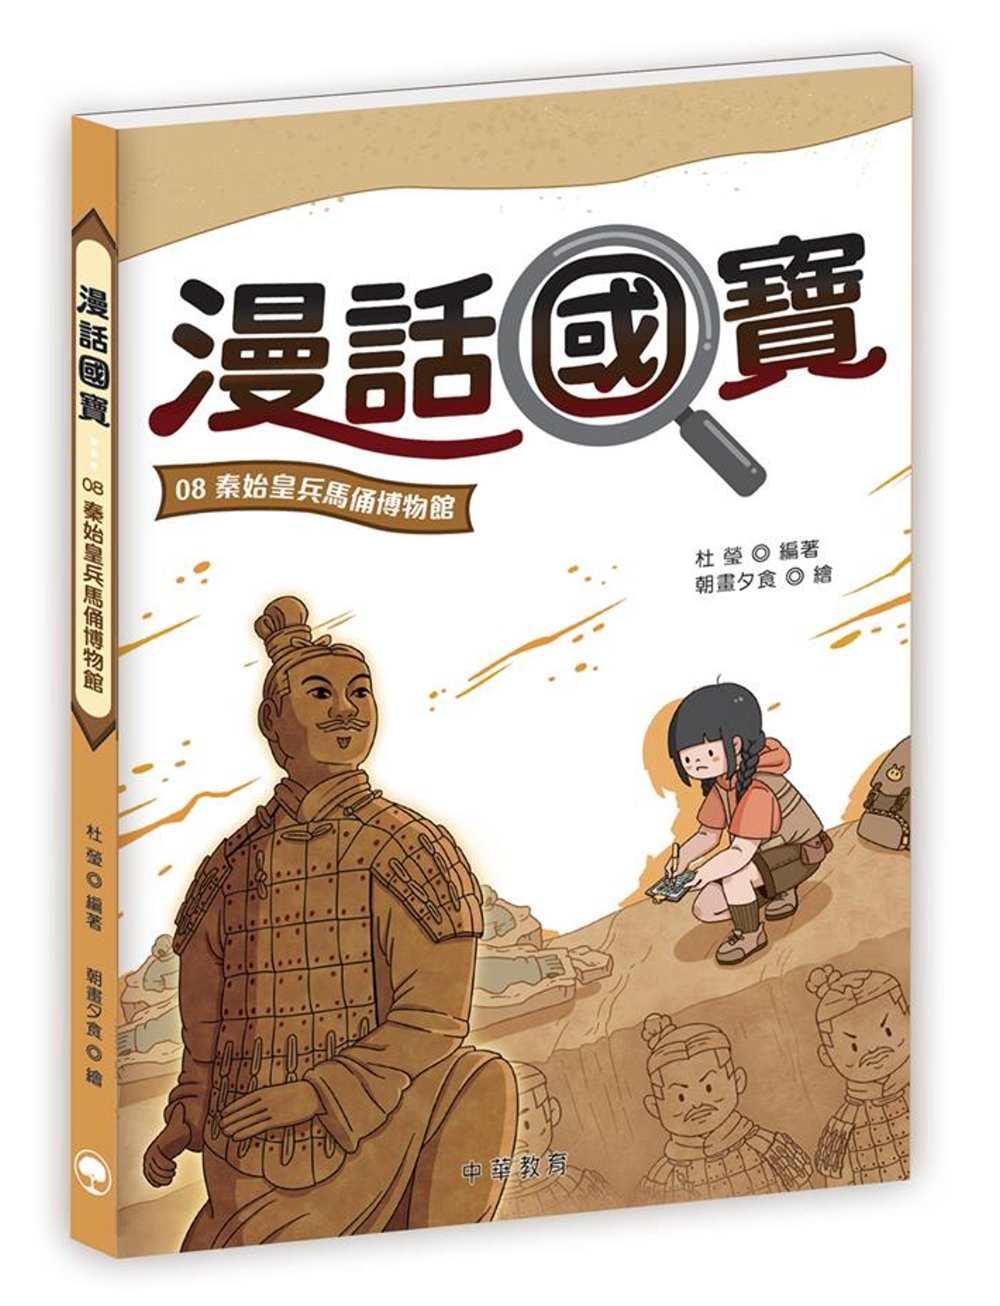 漫話國寶08:秦始皇兵馬俑博物...